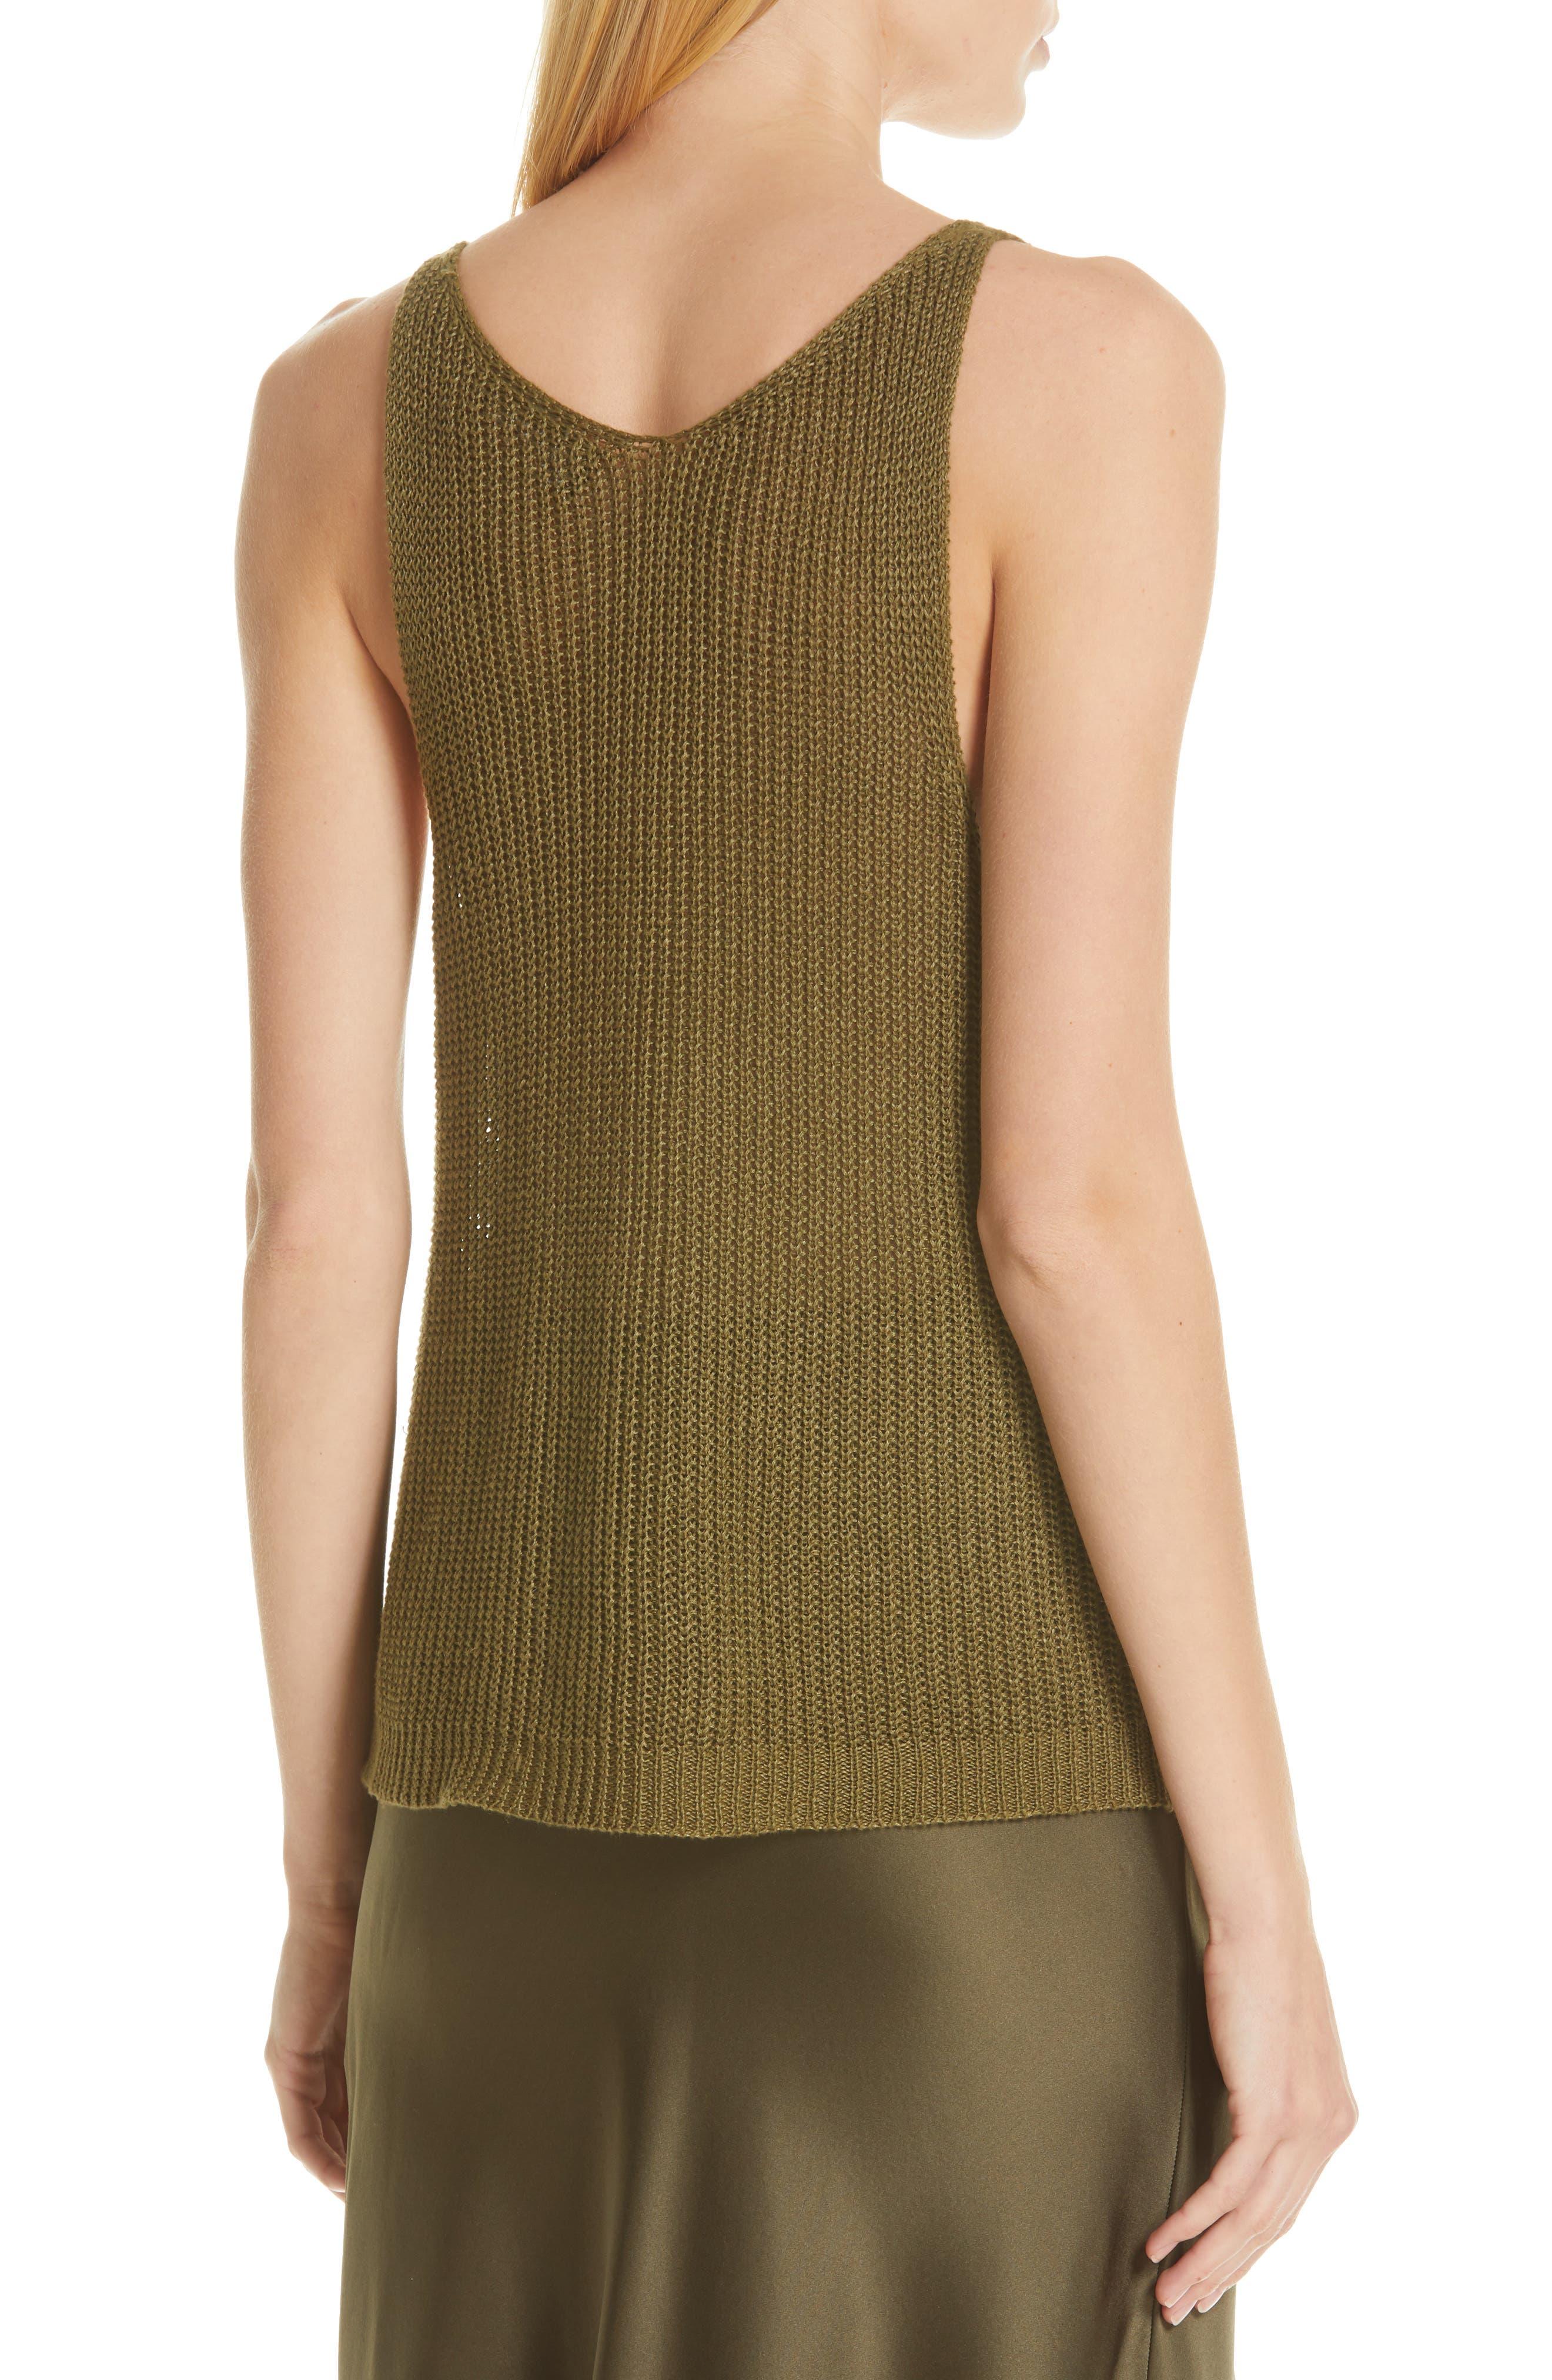 NILI LOTAN, Nala Linen Sweater Tank, Alternate thumbnail 2, color, OLIVE